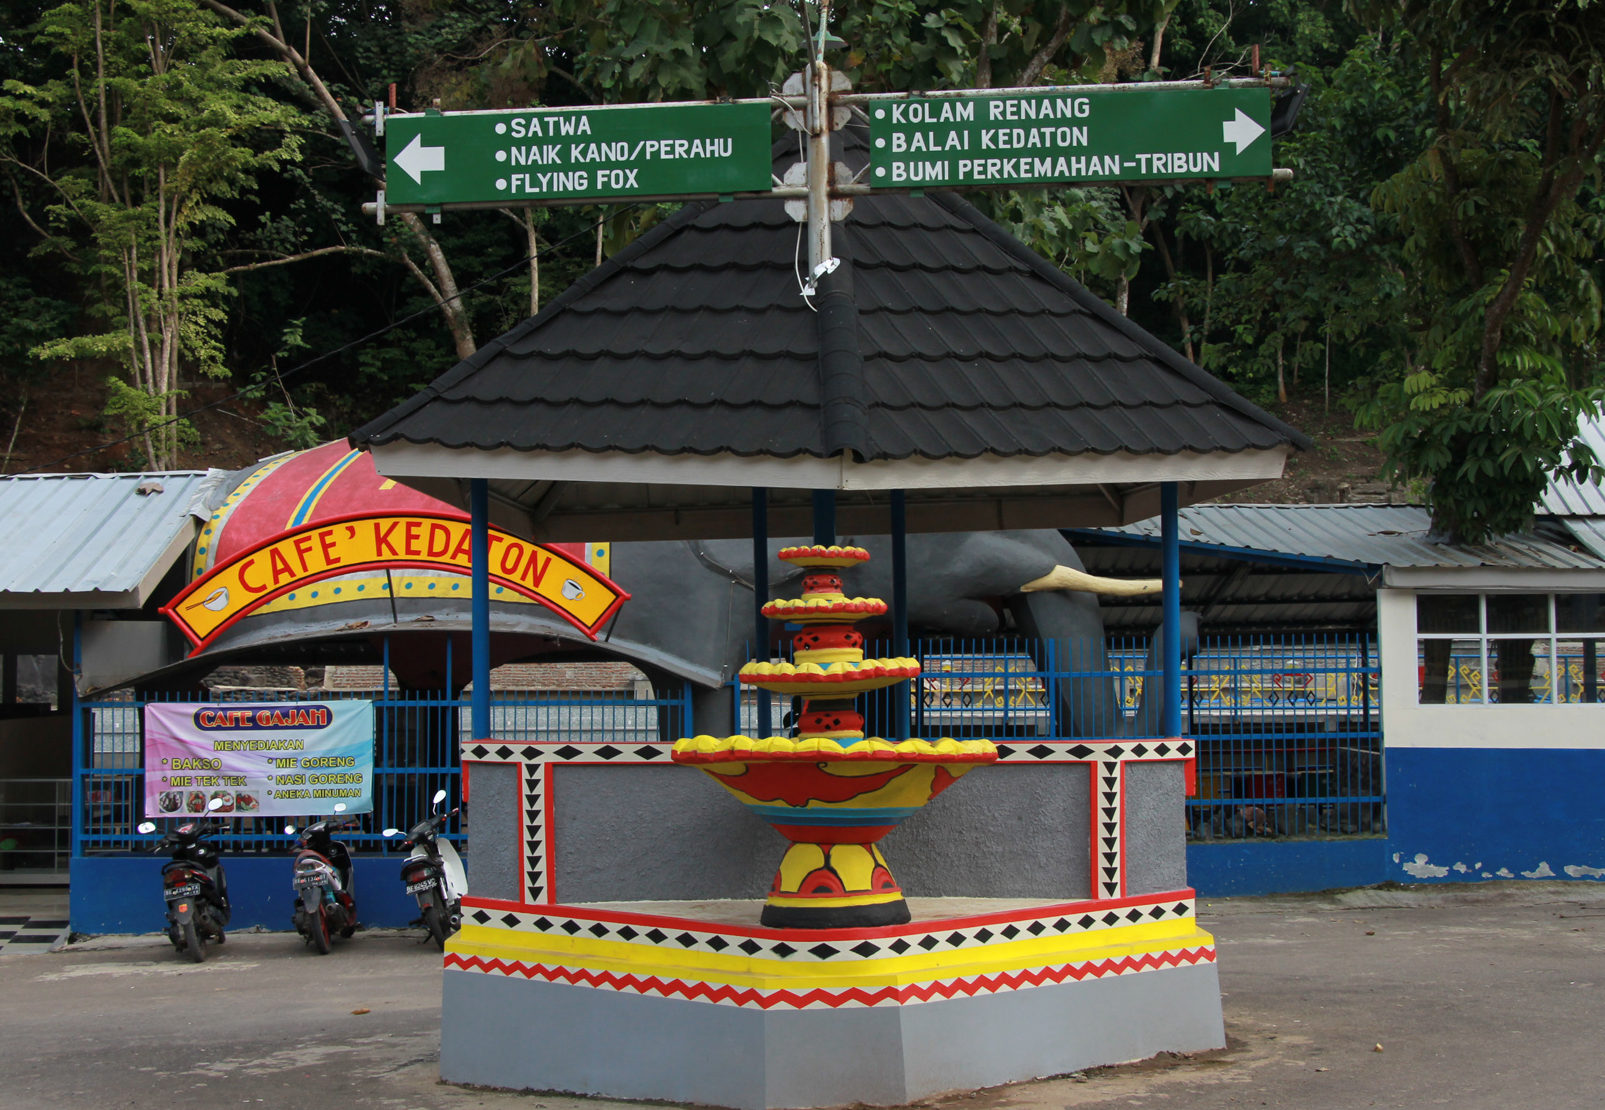 Papan penunjuk jalan yang ada di Taman Bumi Kedaton dibuat semenarik mungkin dengan memadukan corak khas Lampung. (Lampungnews/El Shinta)